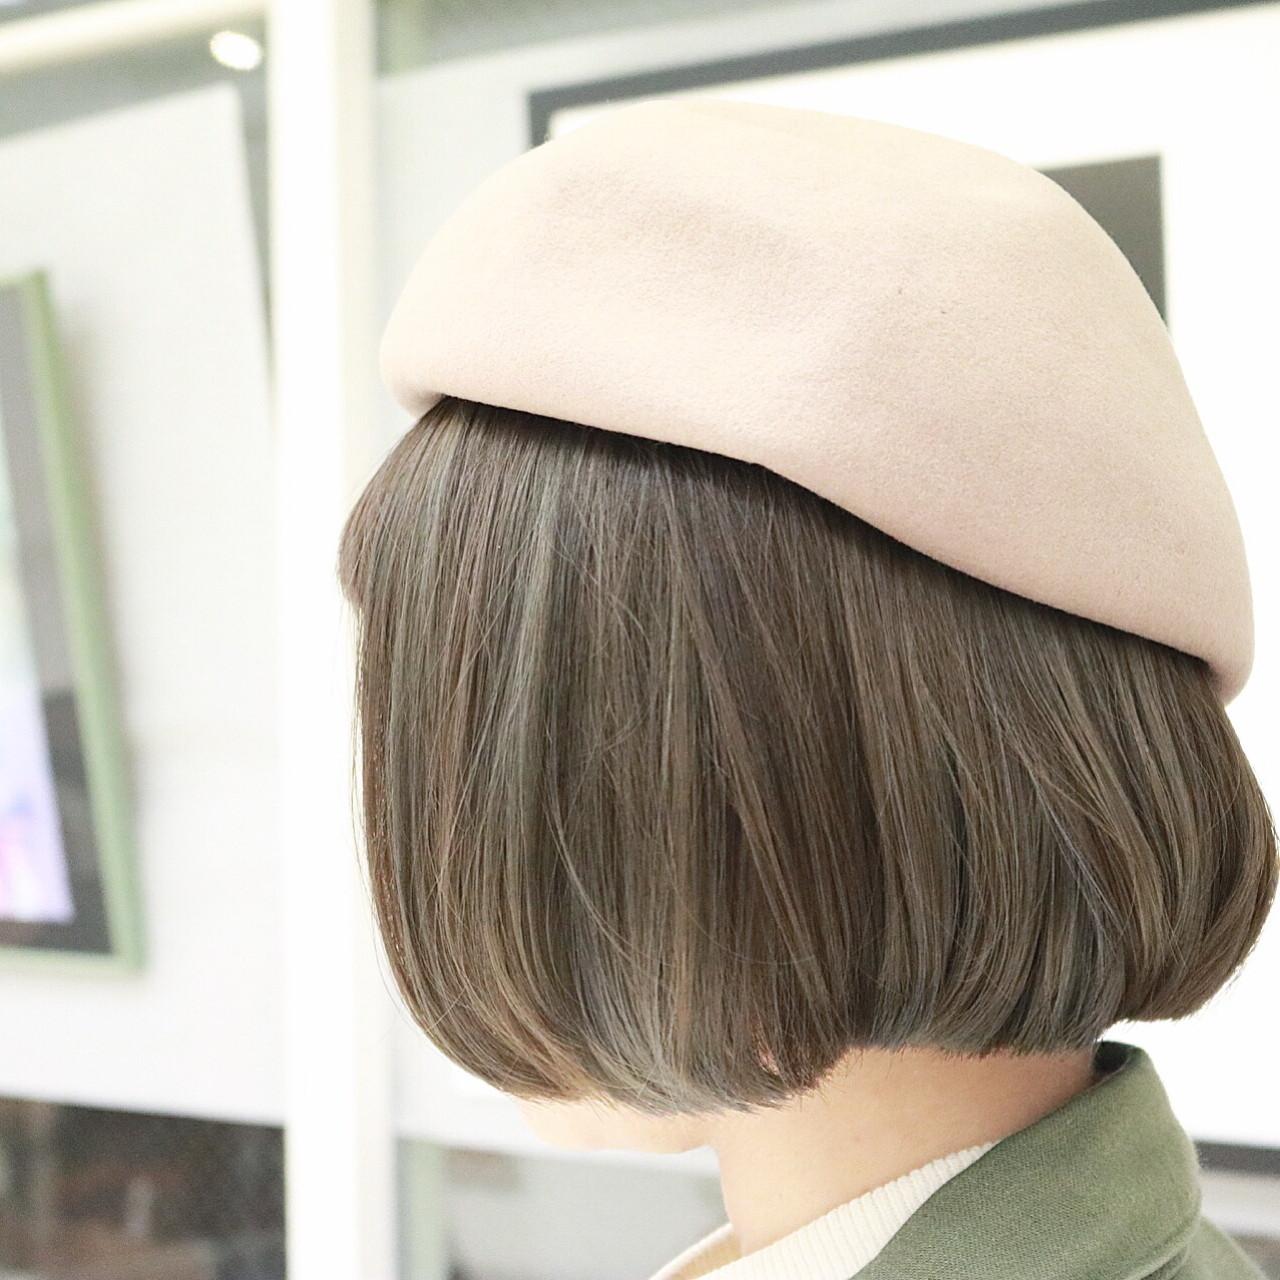 ストリート 外国人風 ボブ カーキアッシュ ヘアスタイルや髪型の写真・画像